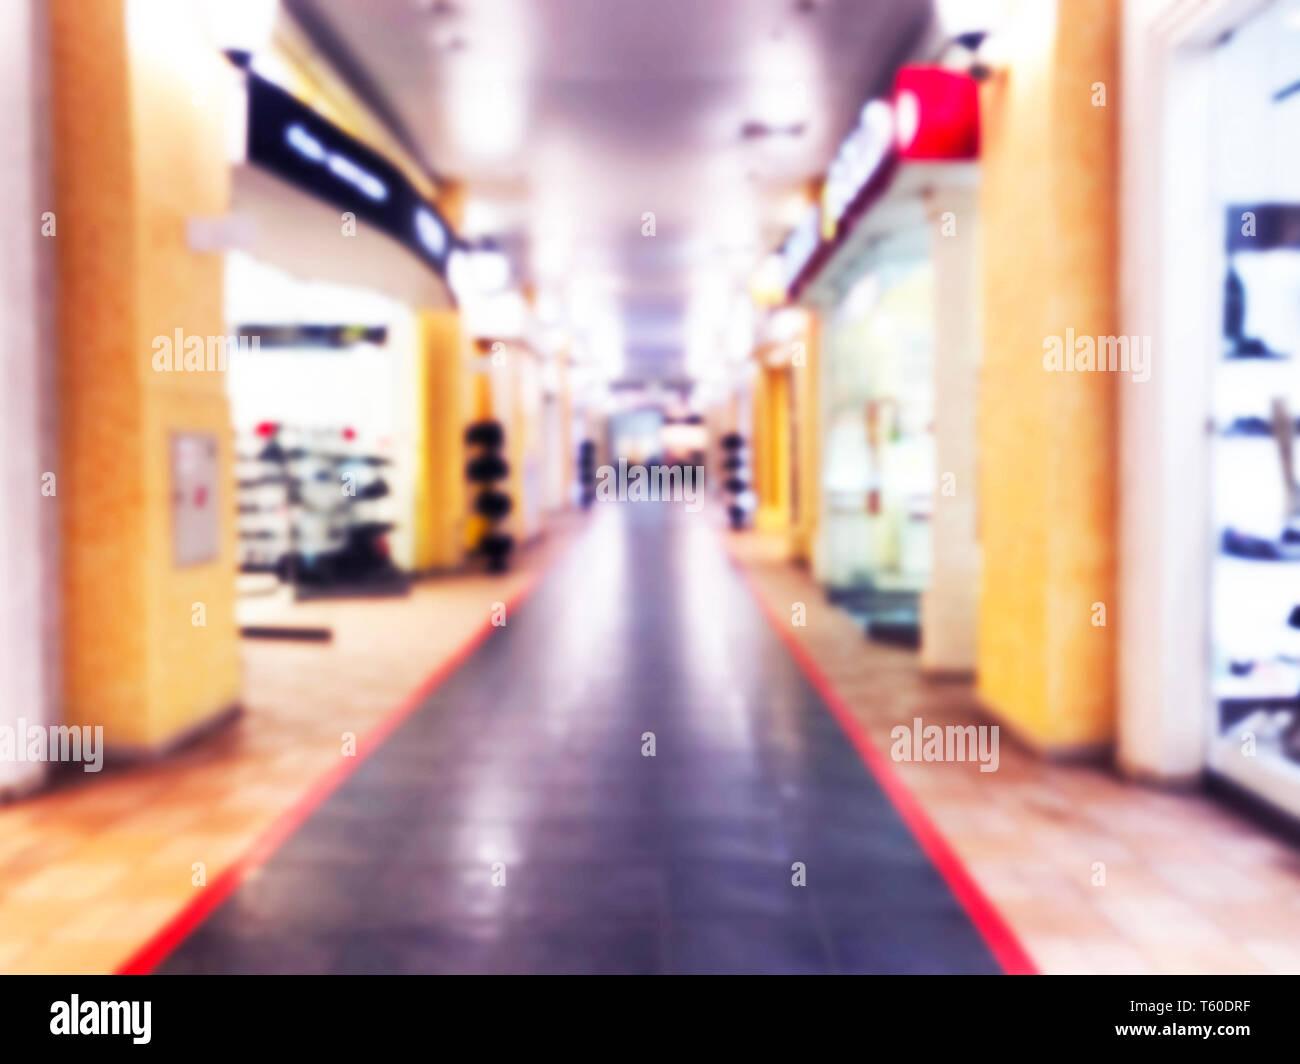 Desenfoque bokeh luces abstractas centro comercial de lujo y departamento interior de la tienda. Fondo difuminado con la gente en el centro comercial con bokeh luz. Blur Foto de stock